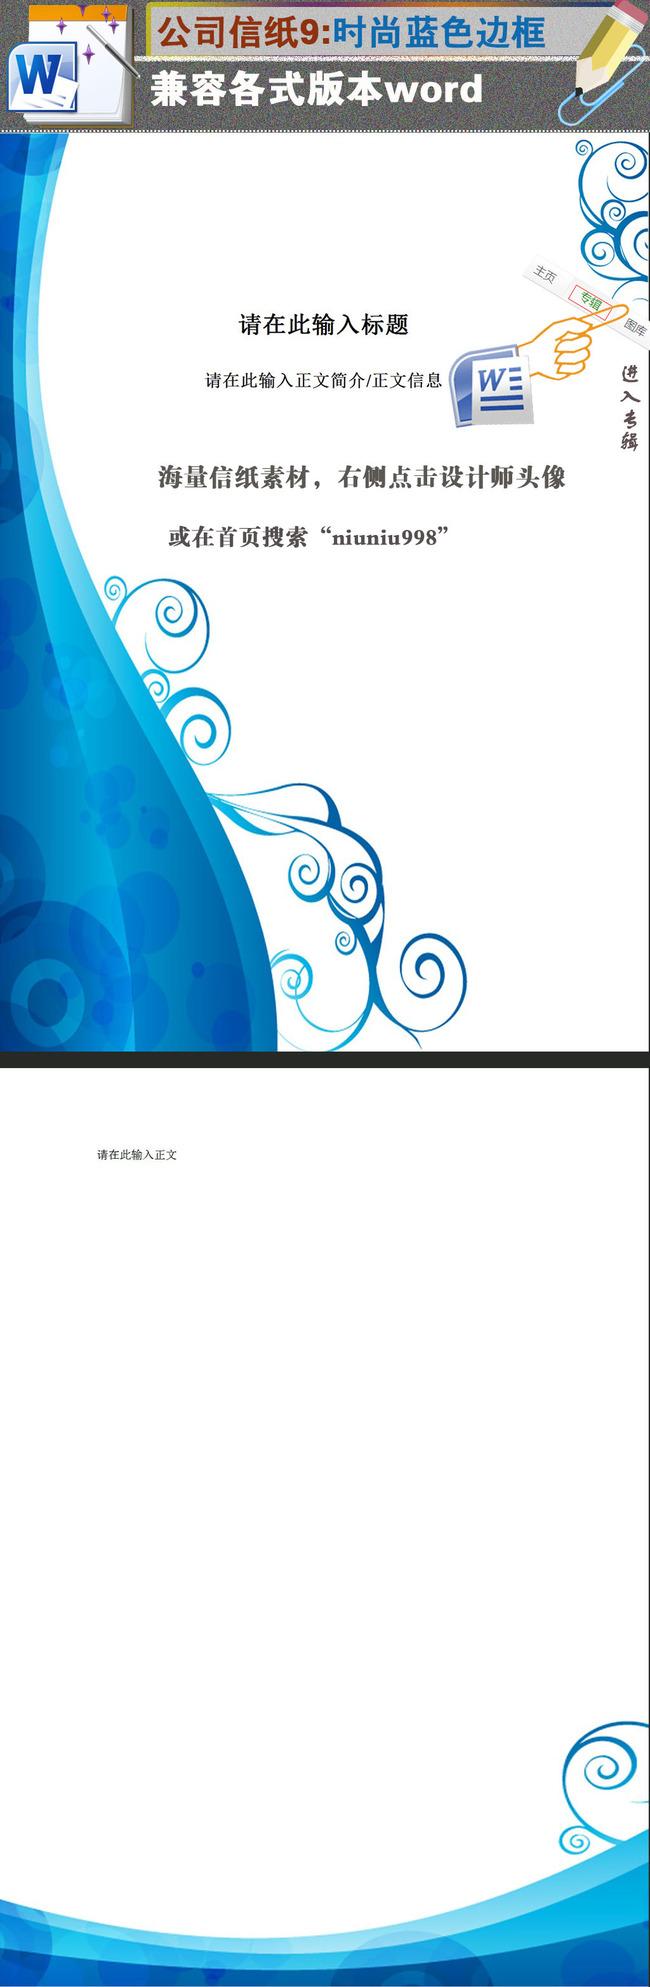 蓝色word边框封面公司简介信纸模板下载